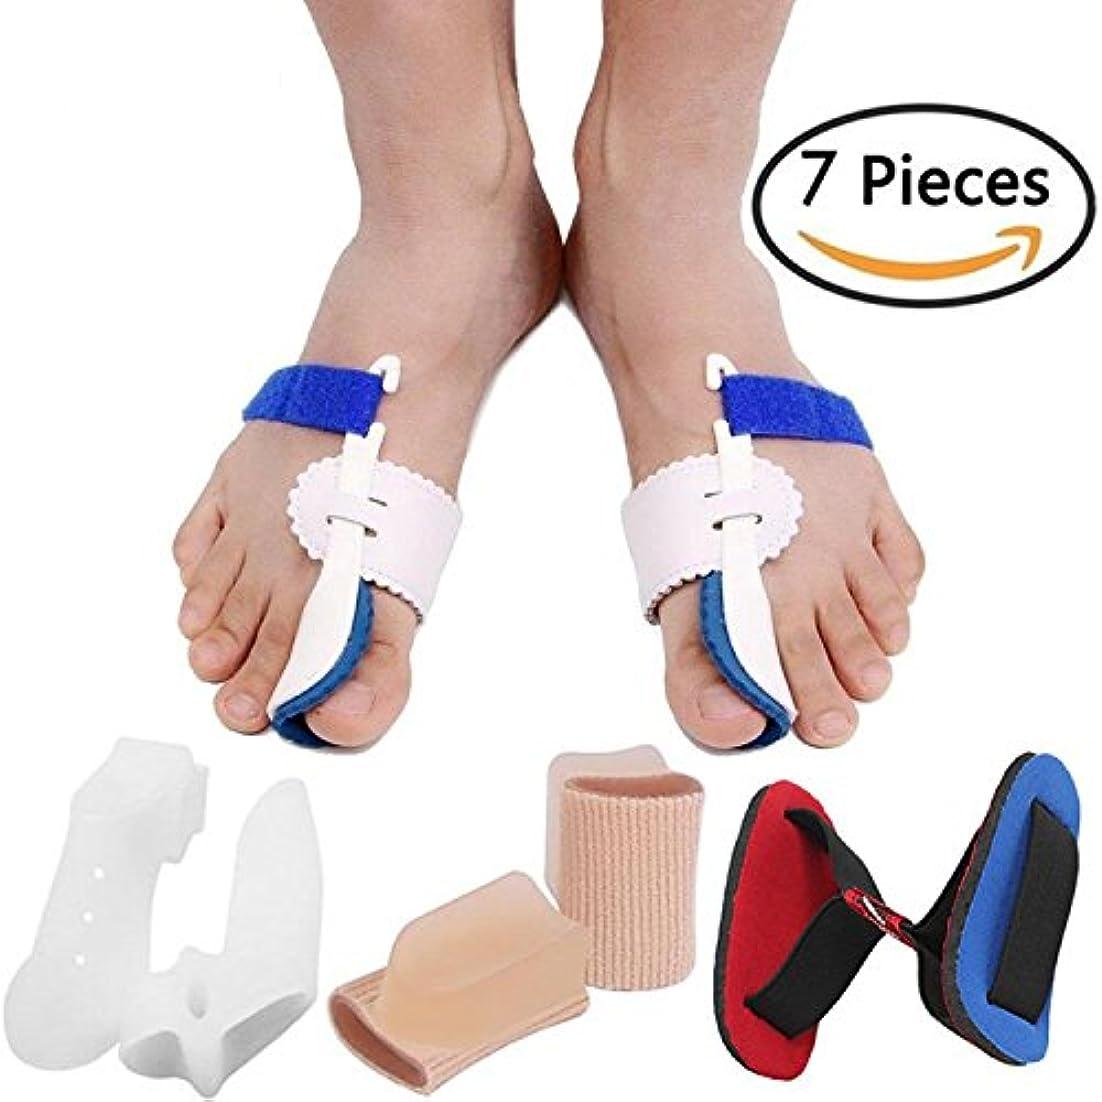 モンスターファッション広々としたBunion Corrector Bunion Relief Protector Sleeves Kit, Big Toe Corrector Straightener Separator Treat Pain in Hallux Valgus, Big Toe Joint, Hammer Toe, Splint Aid Surgery Treatment